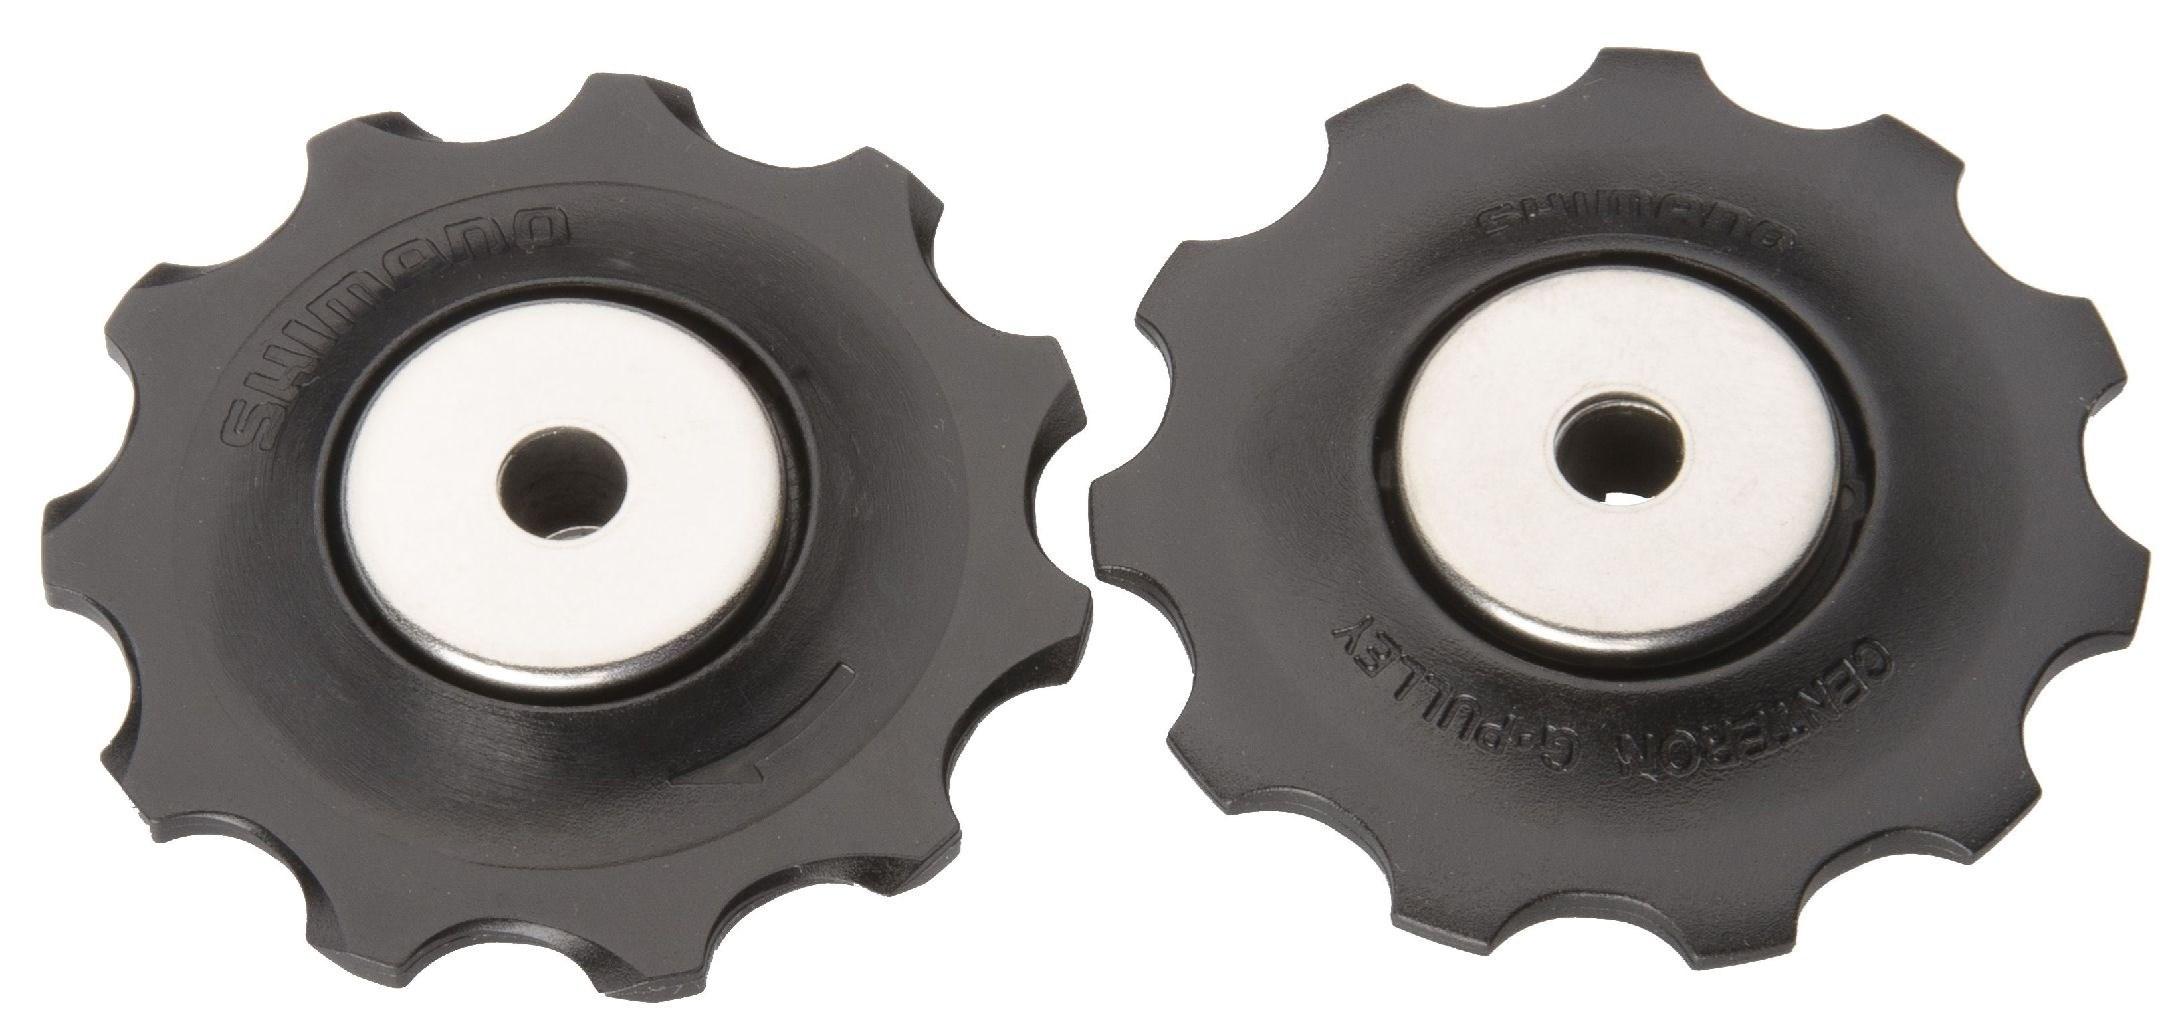 0b38fb12113 Shimano RD-6700 Guide and Tension Pulley Set Jockey Wheels £14.99